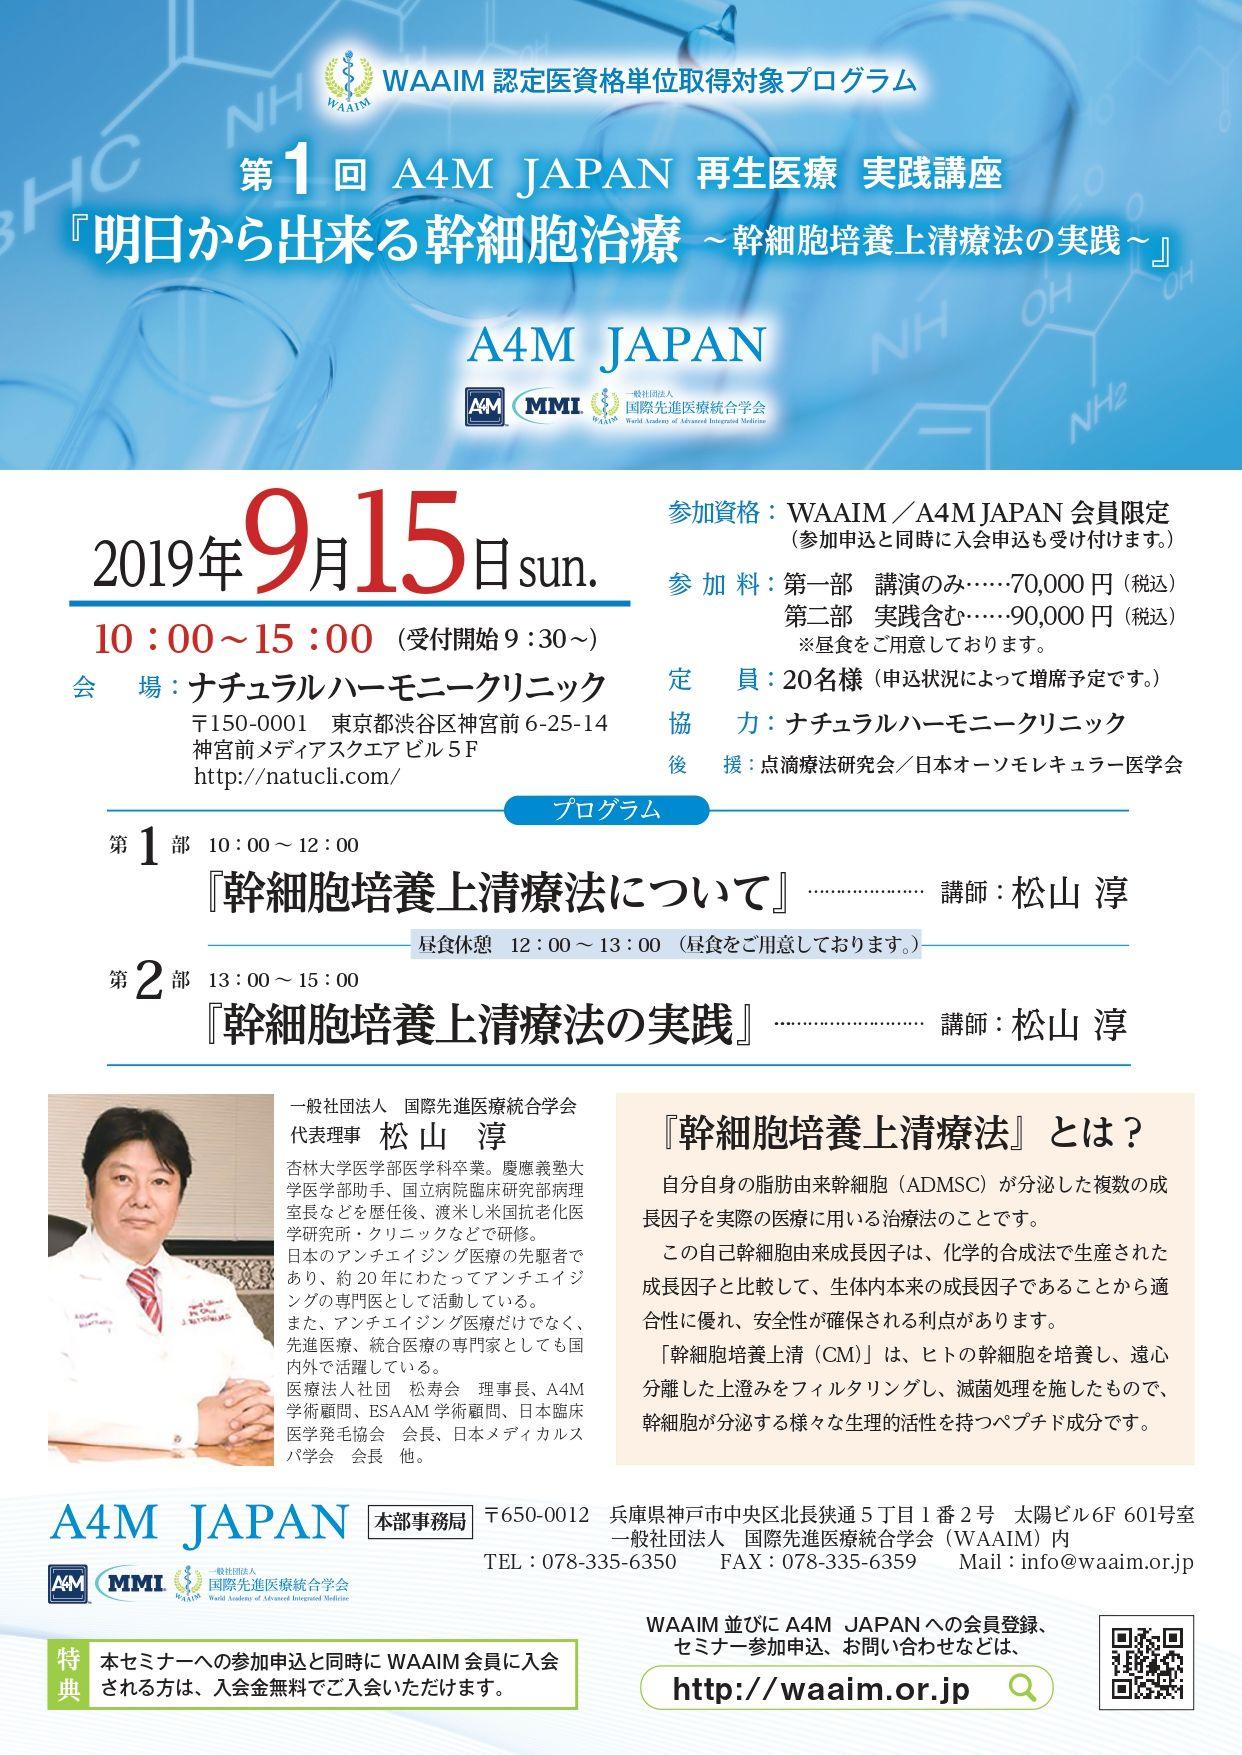 【終了いたしました。ご参加ありがとうございました。】A4M JAPAN再生医療 実践講座『明日から出来る幹細胞治療』参加者受付中!